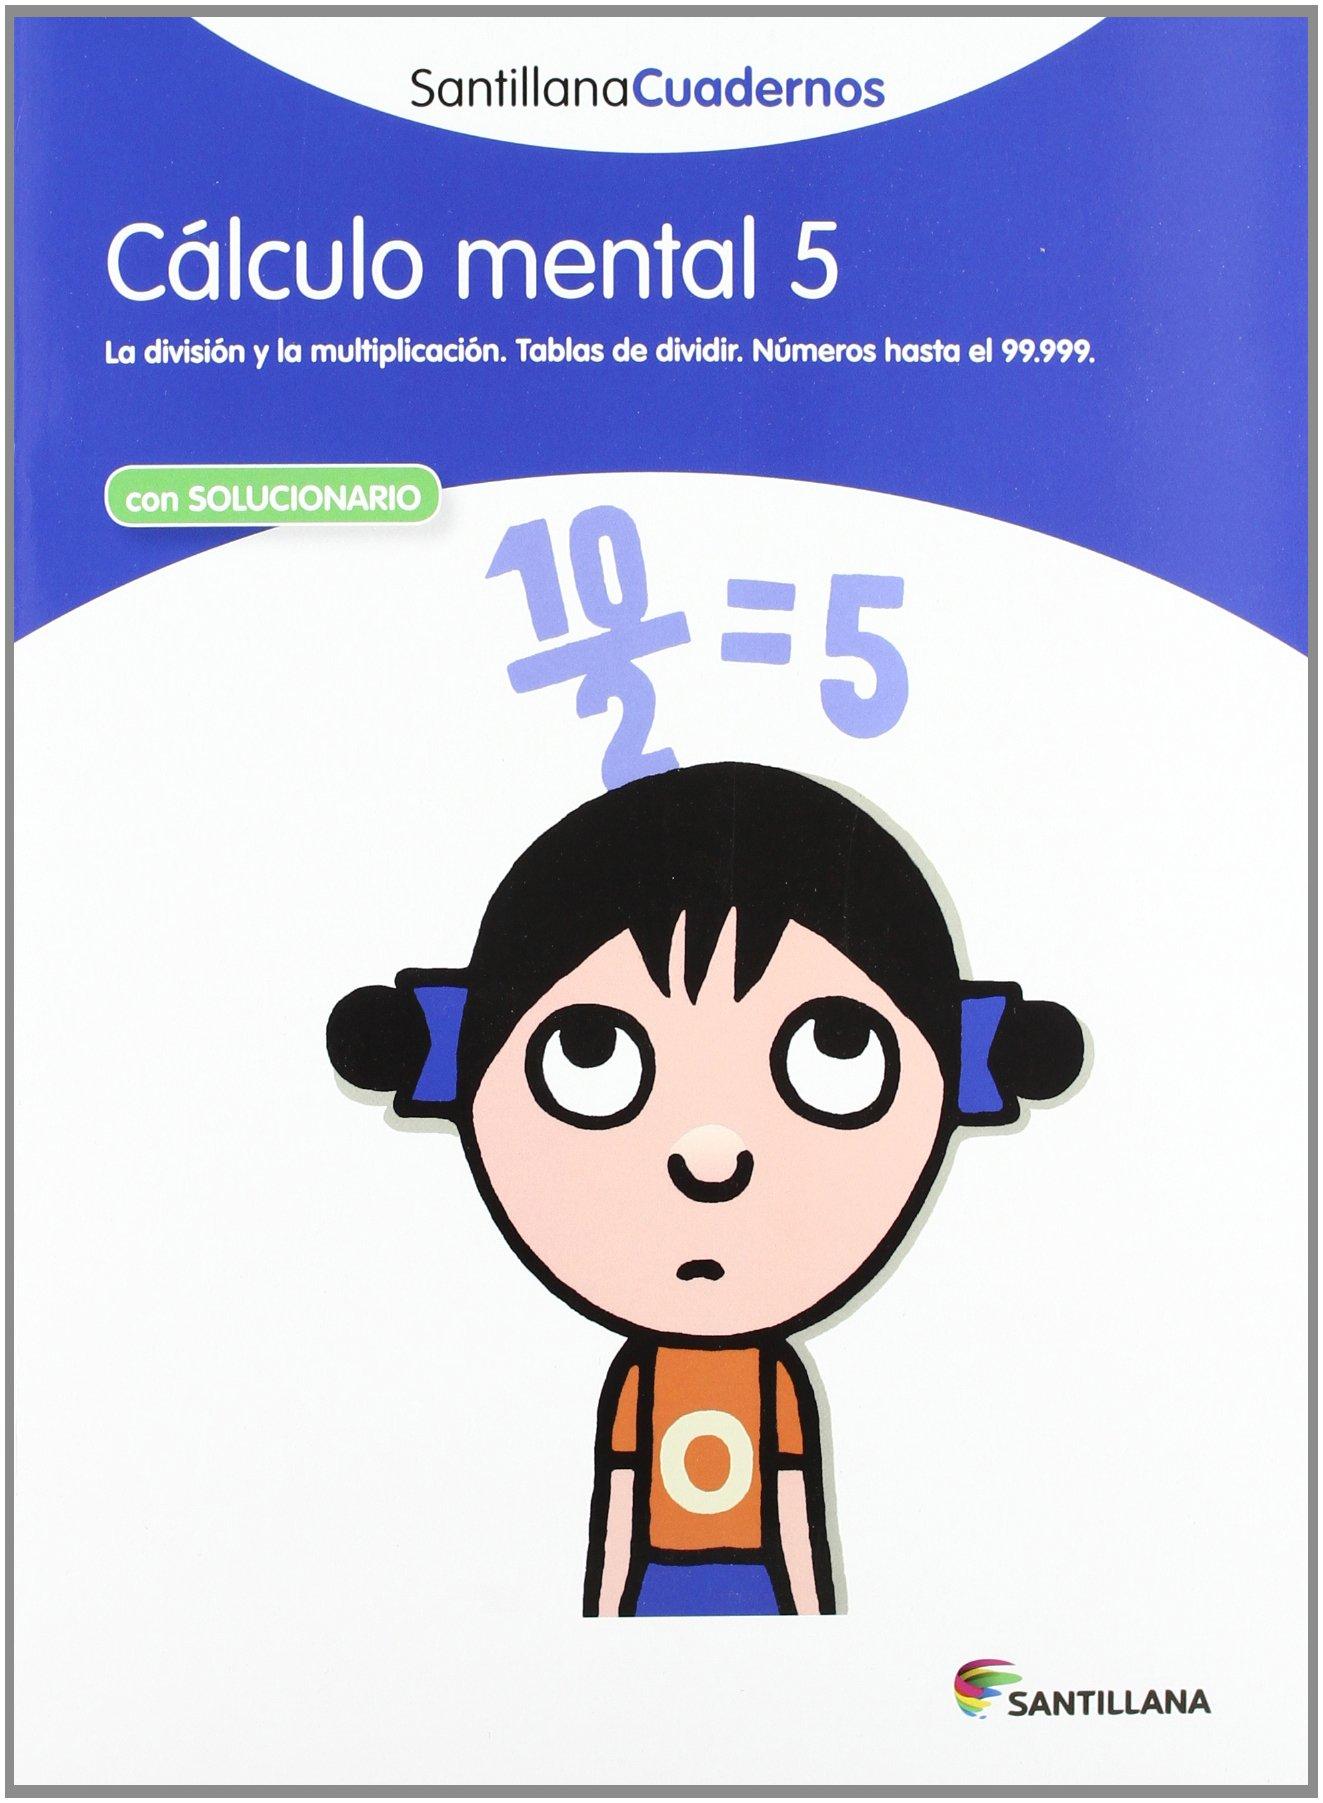 CÁLCULO MENTAL 5 SANTILLANA CUADERNOS - 9788468012414: Amazon.es: Vv.Aa.:  Libros